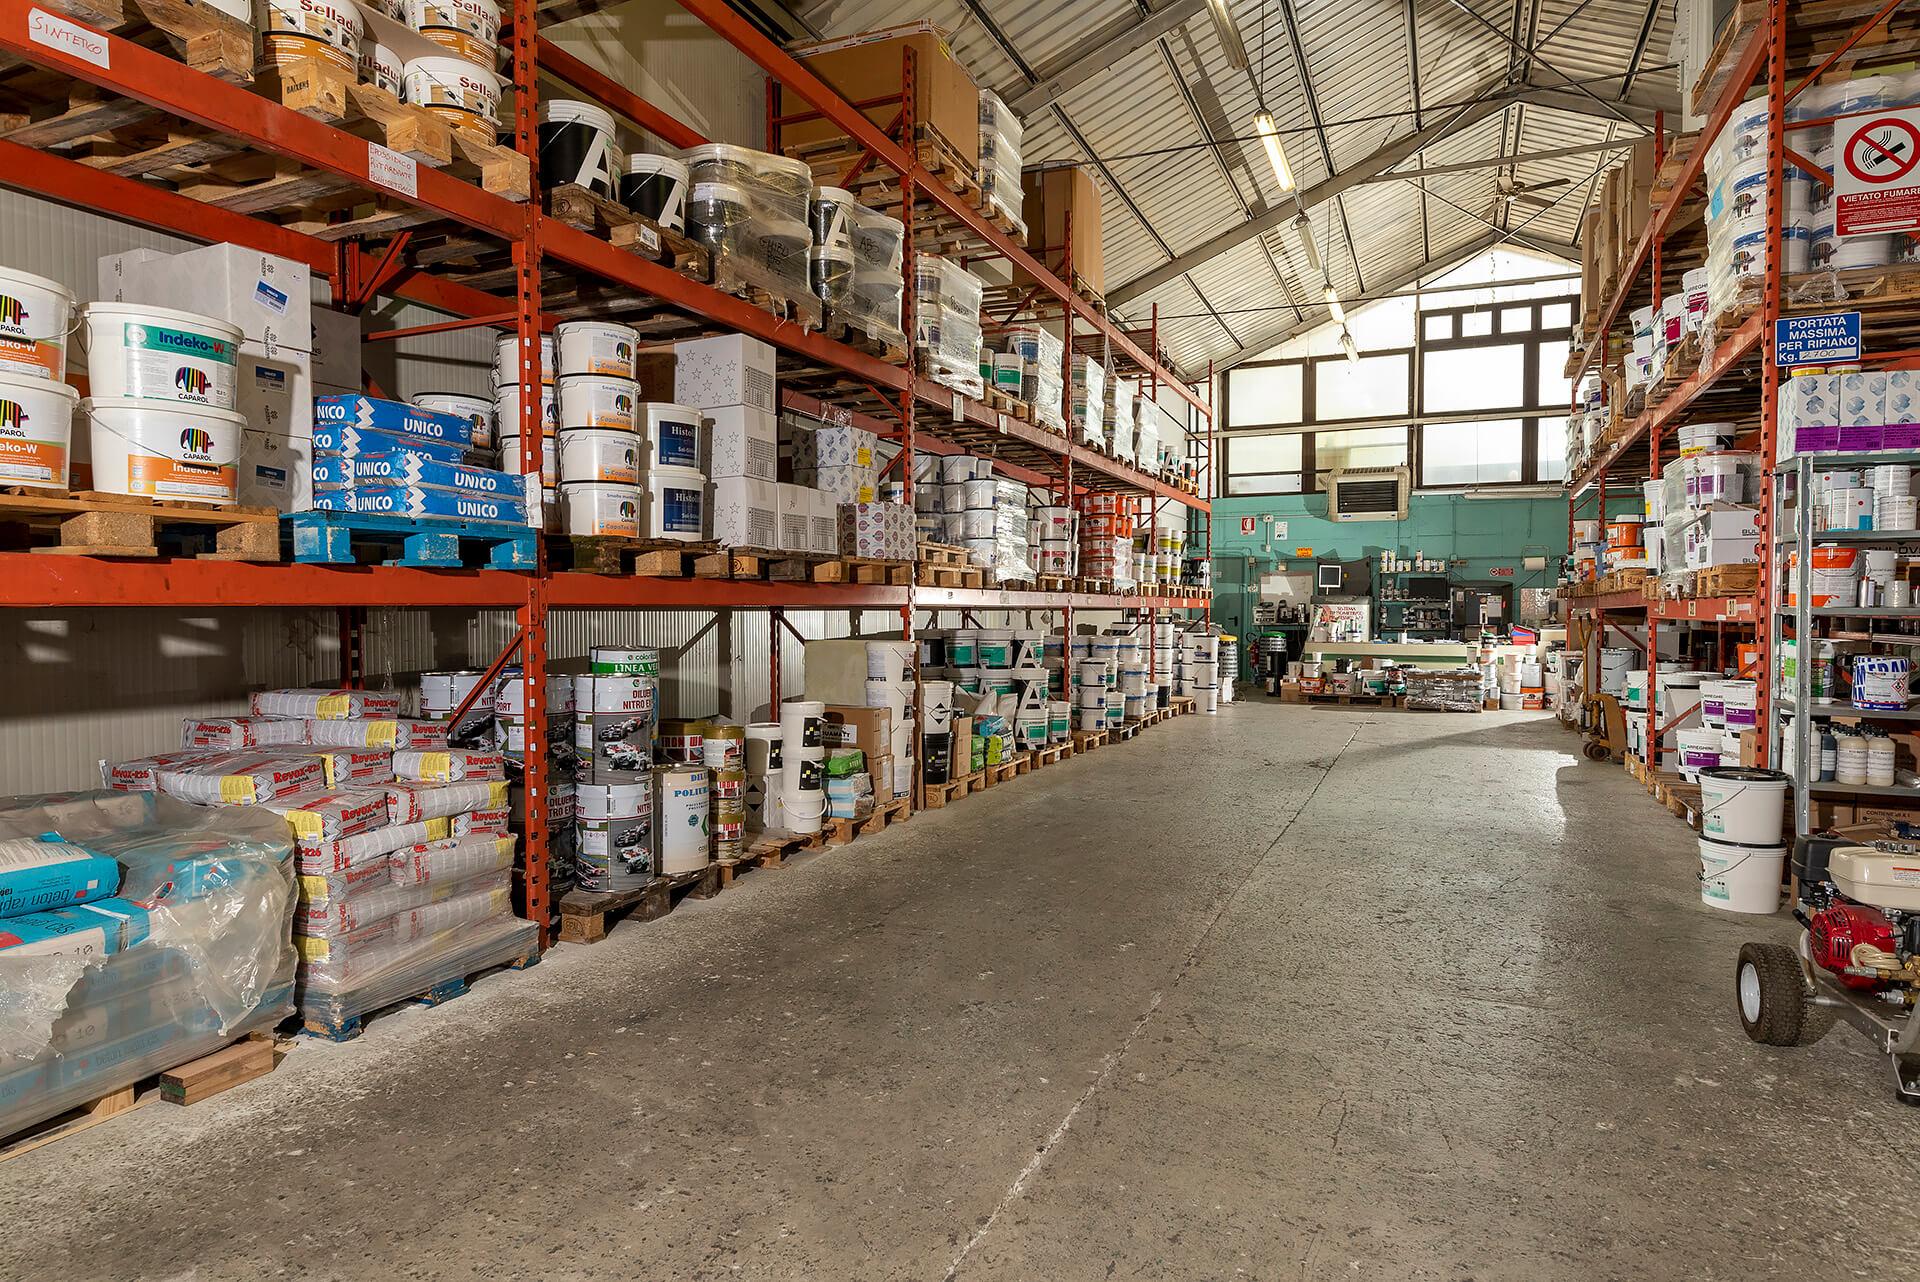 magazzino del colorificio area colore a asti in corso ivrea